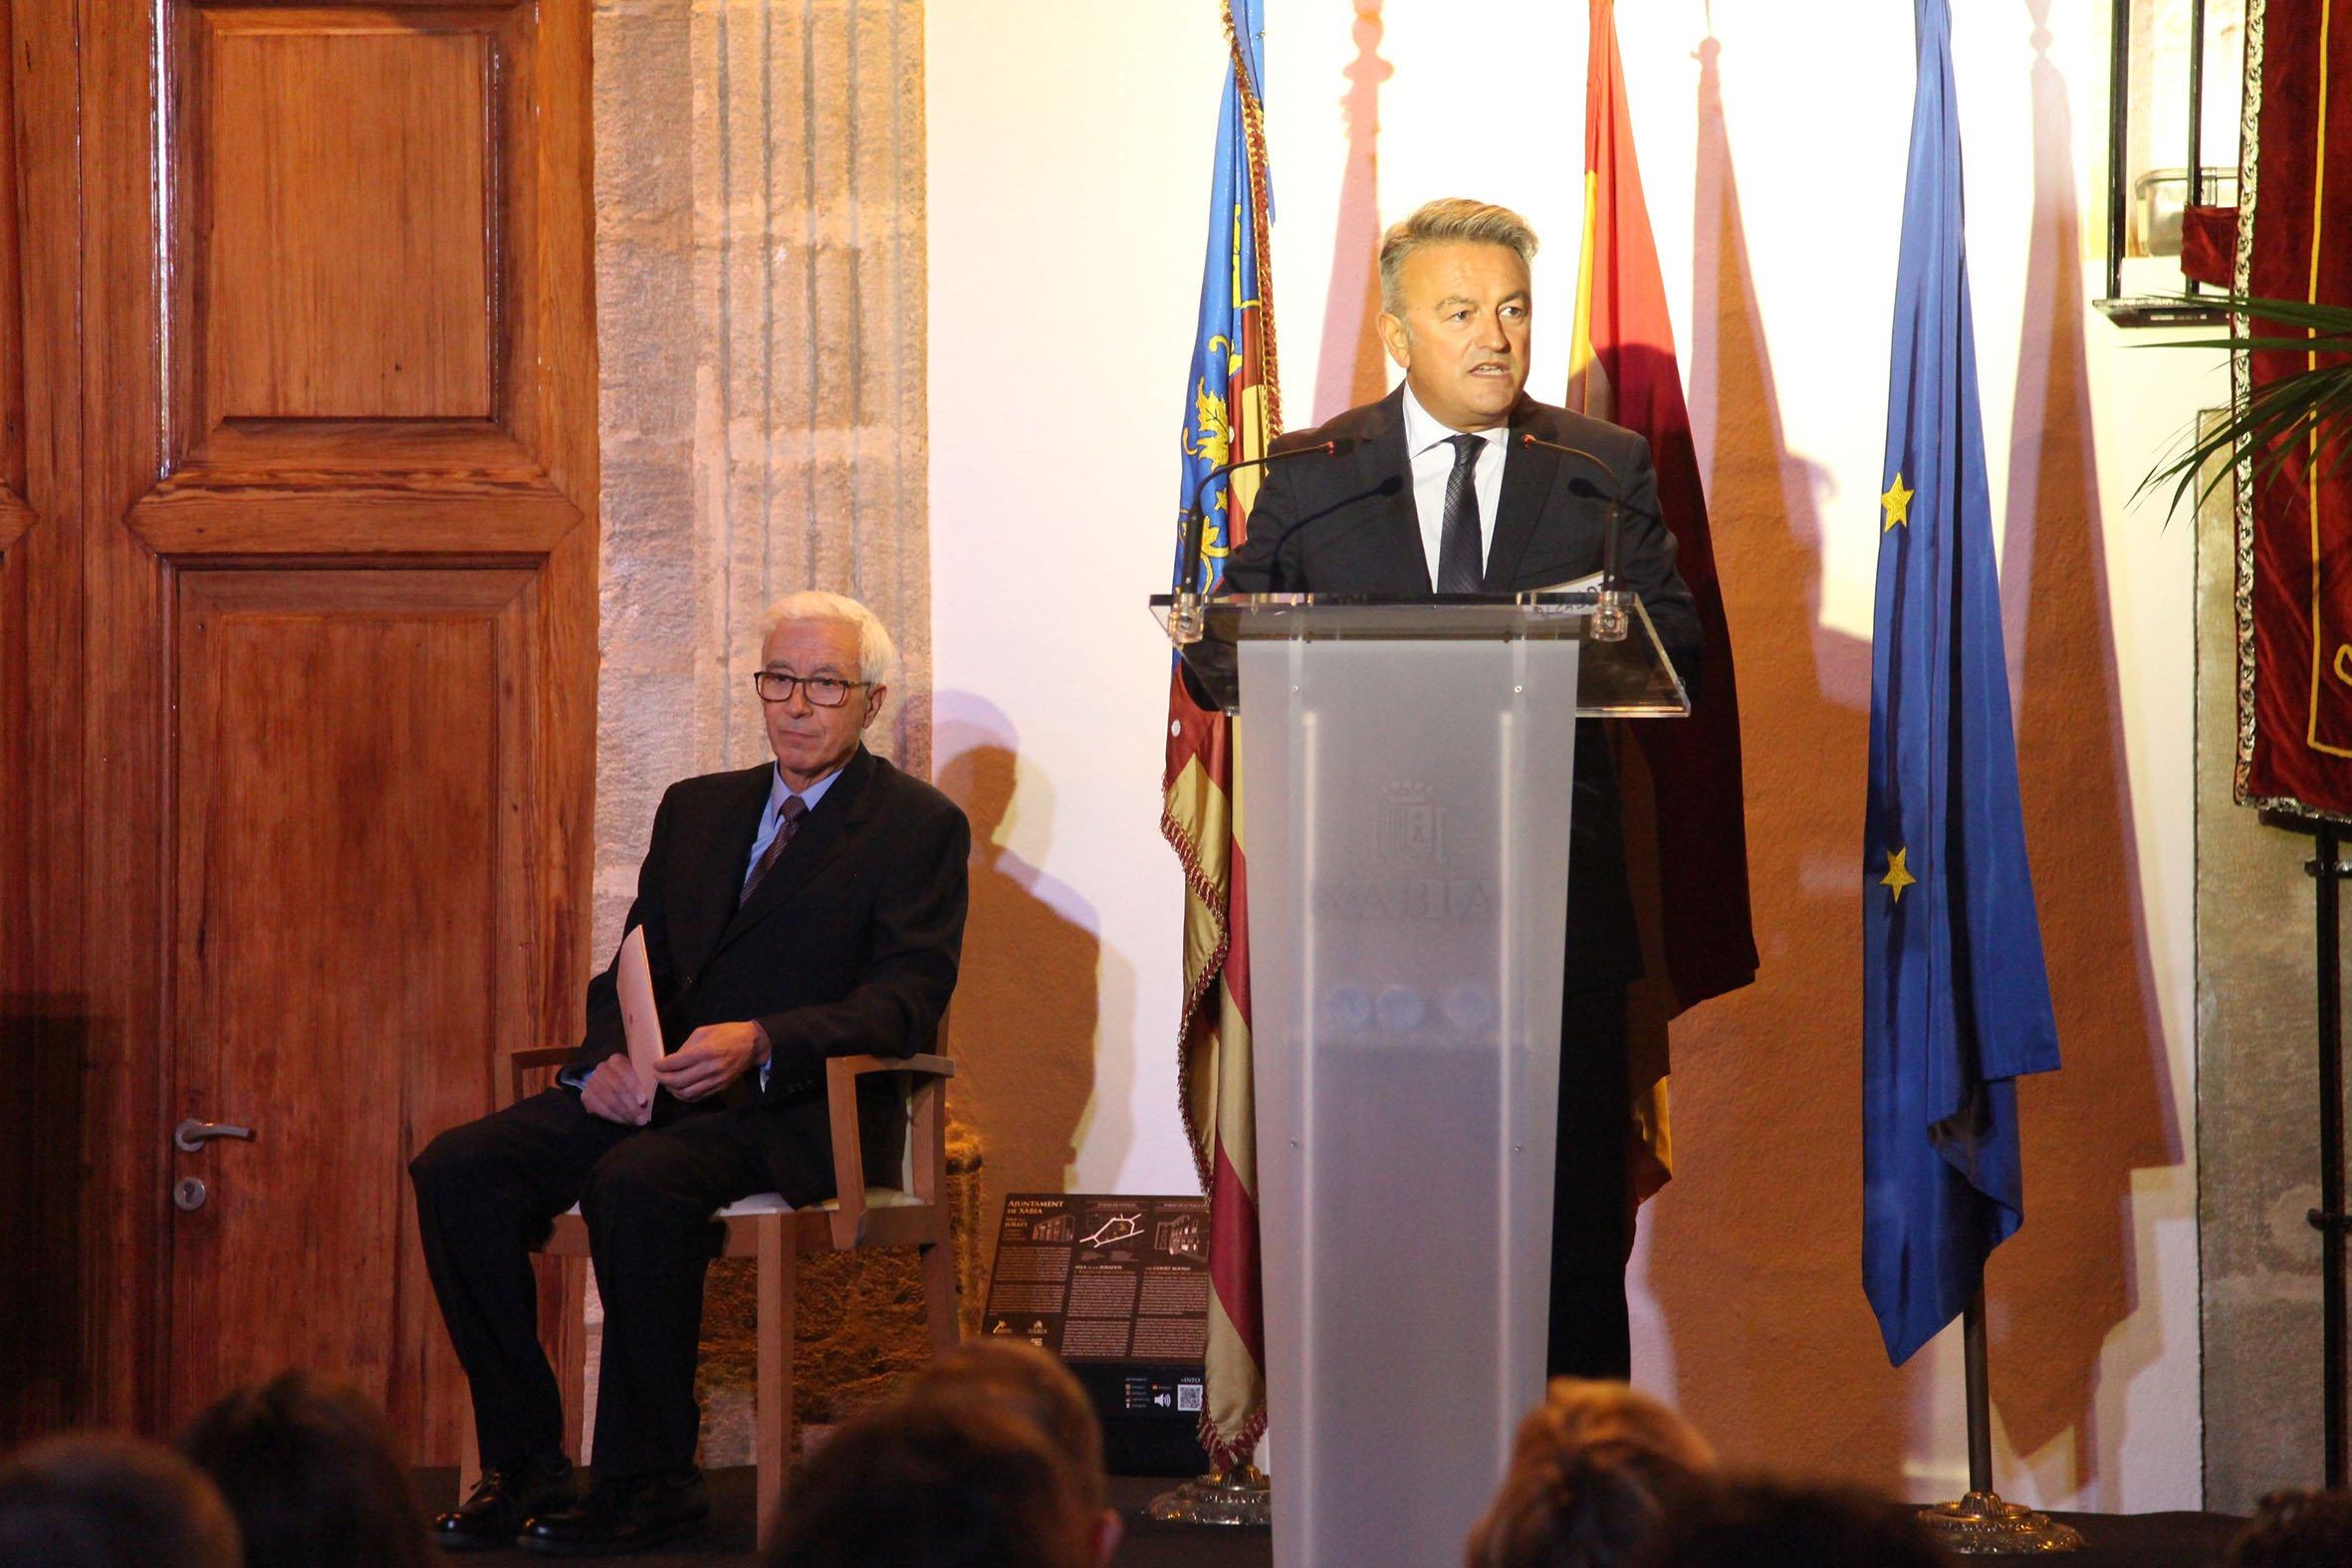 El alcalde de Xàbia en el acto 9 d'octubre -Premi Vila de Xàbia